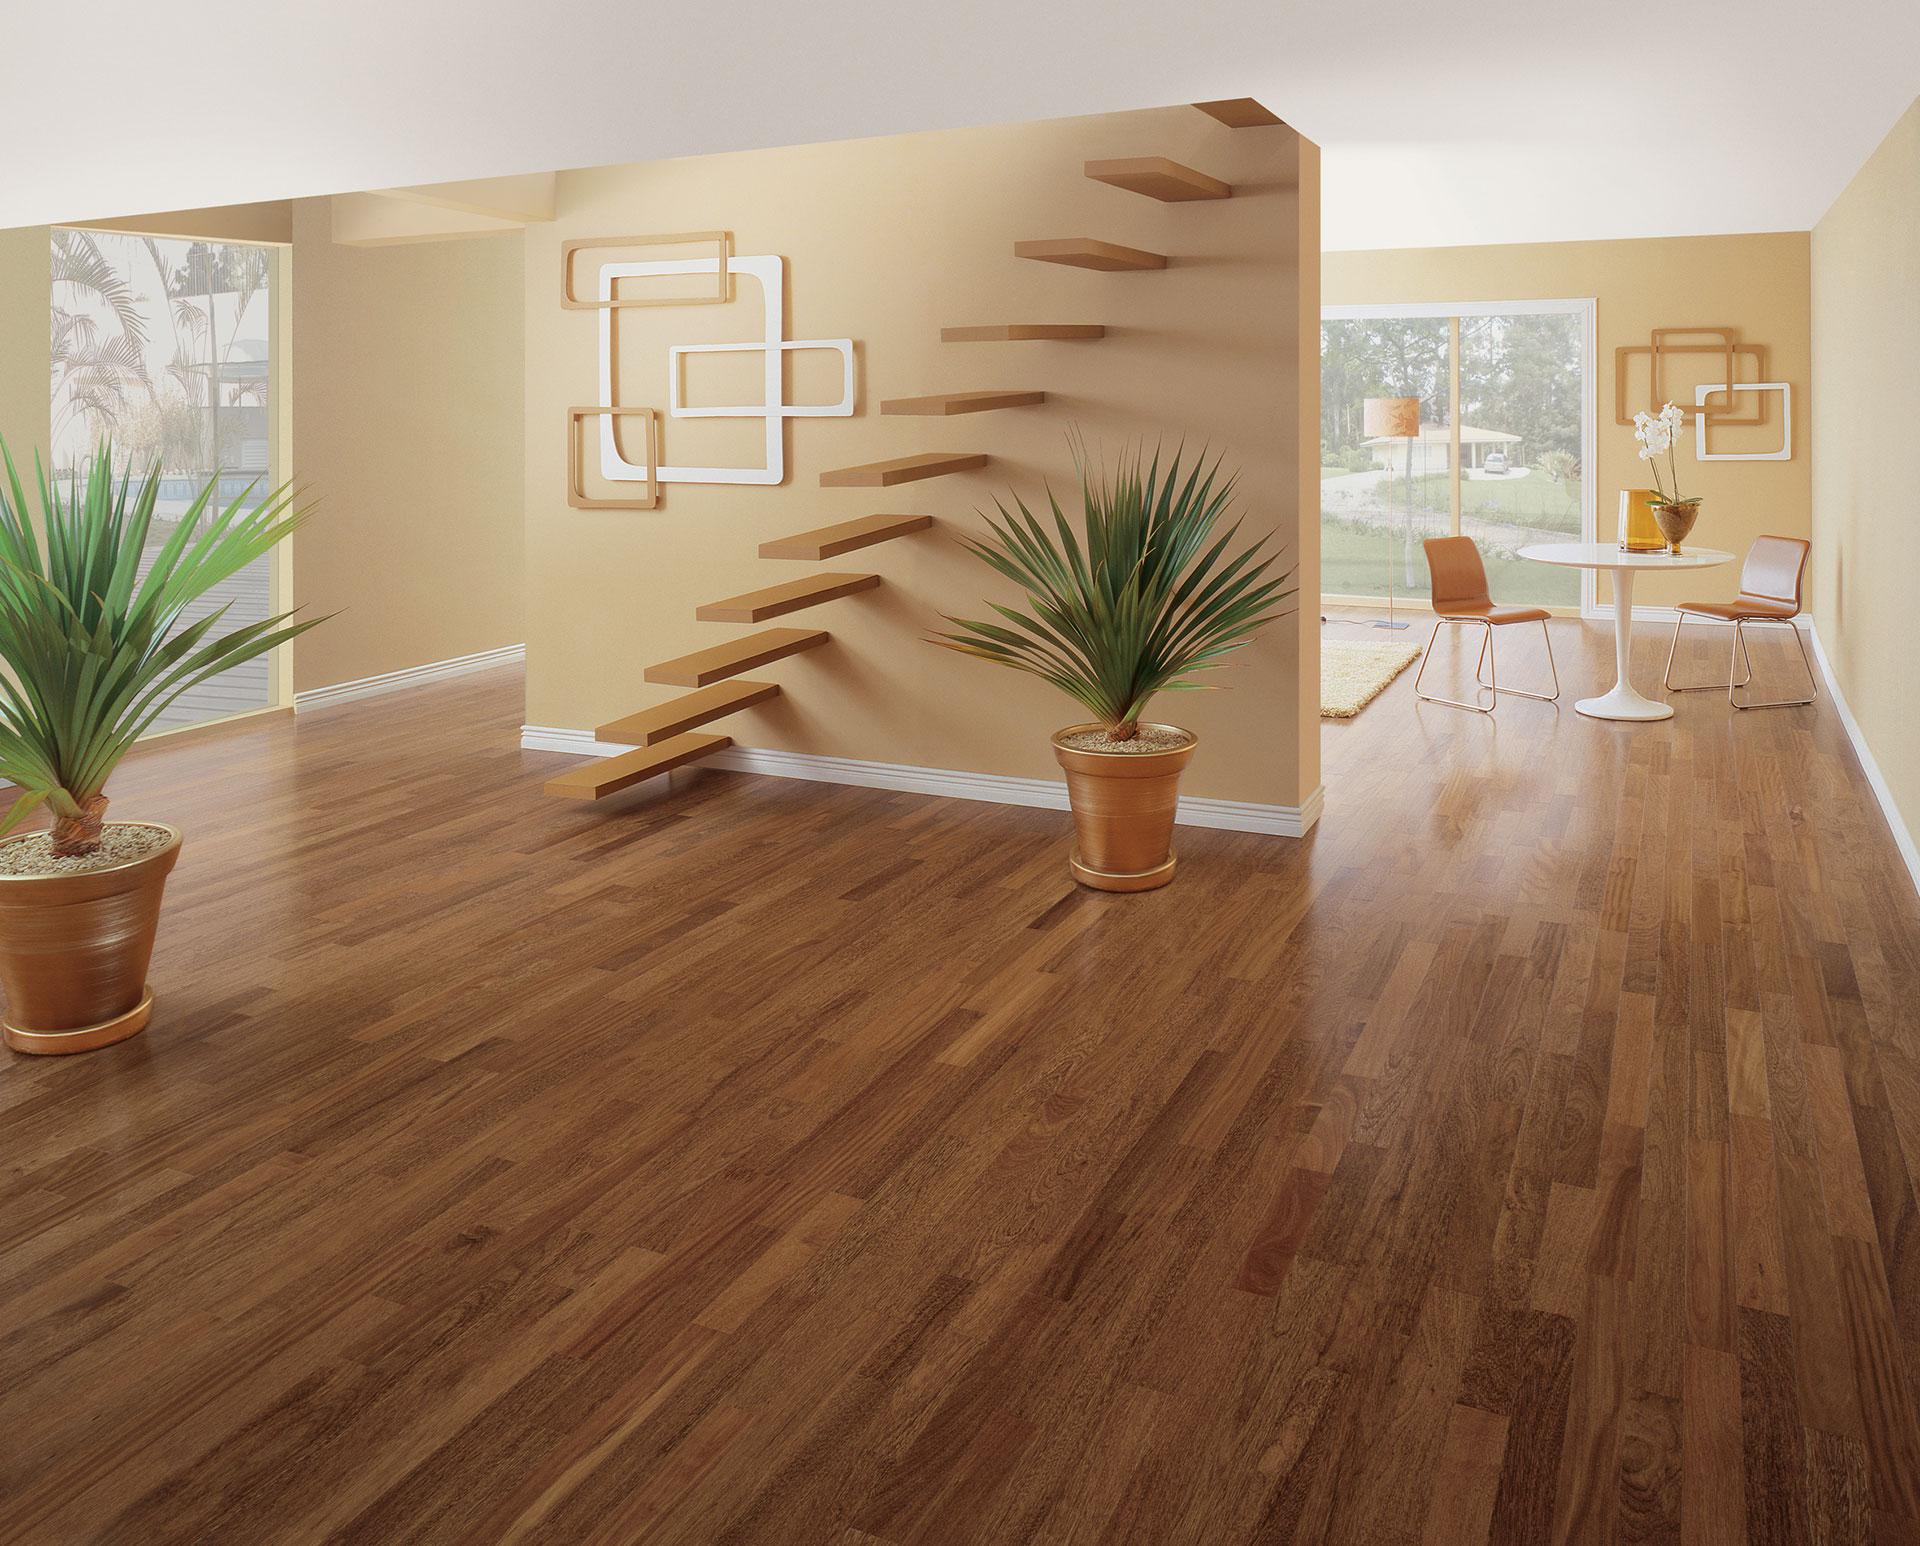 Decora o com pisos de madeira 30 fotos for Pisos porcelanatos fotos